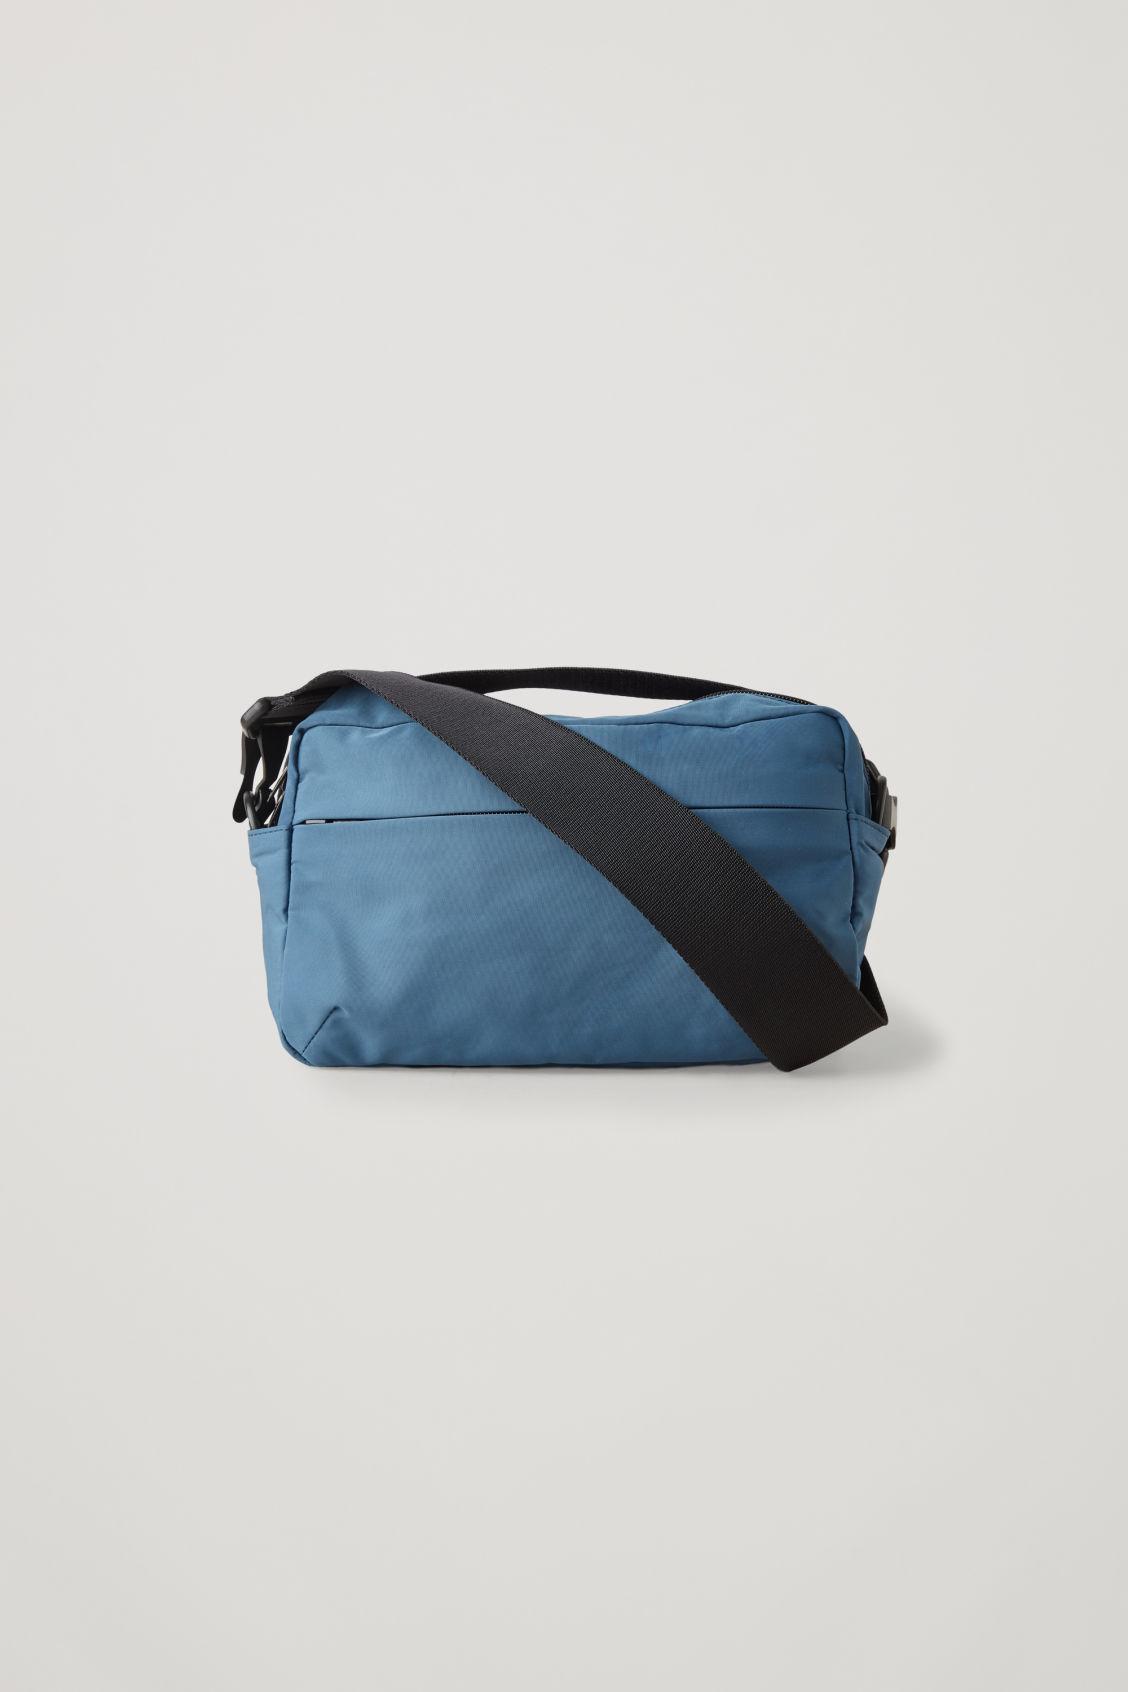 Väskor Herr | Shoppa Snygga Online | Afound